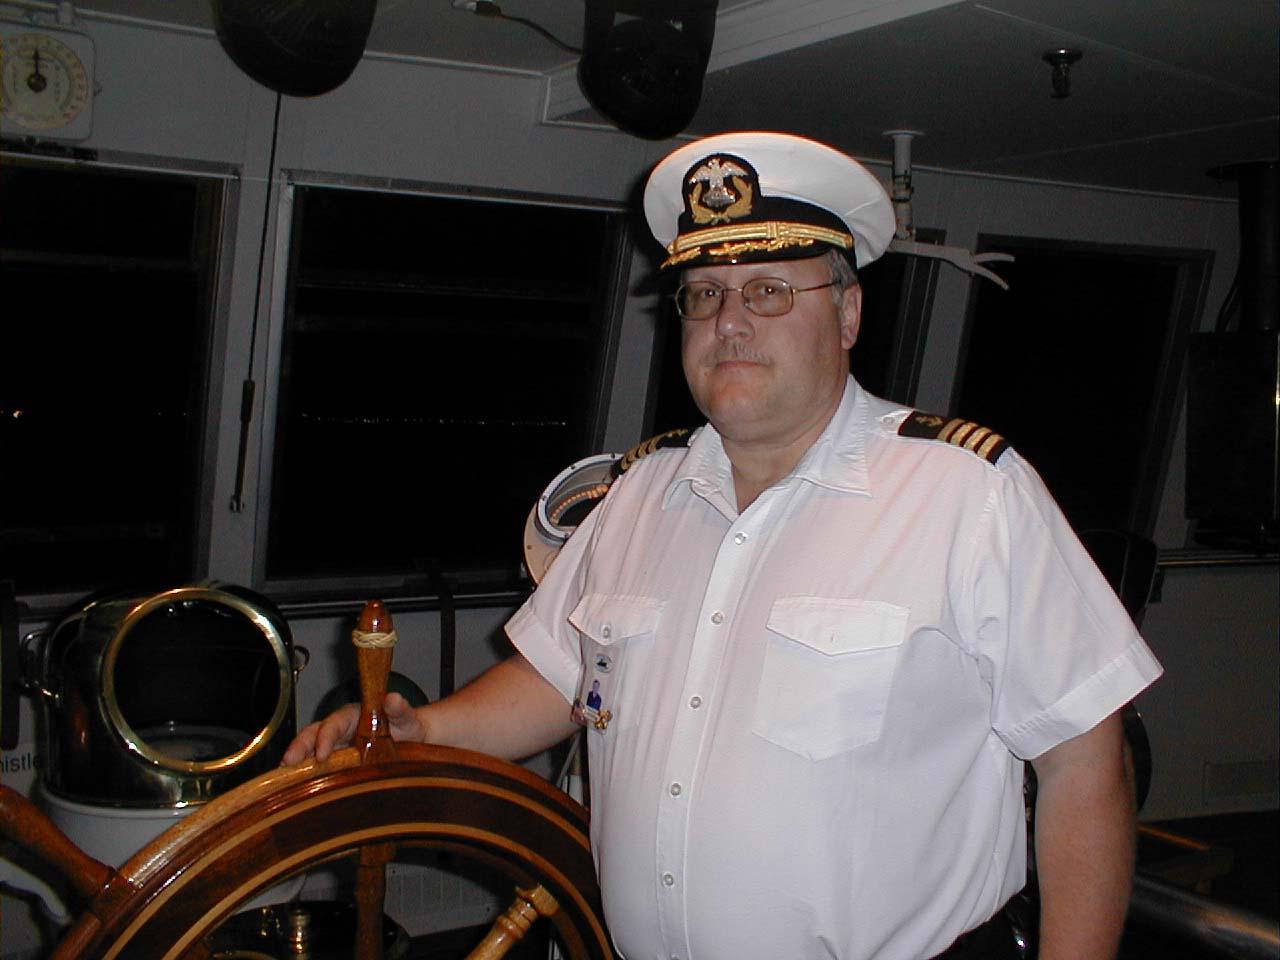 Командир корабля картинки, рождество